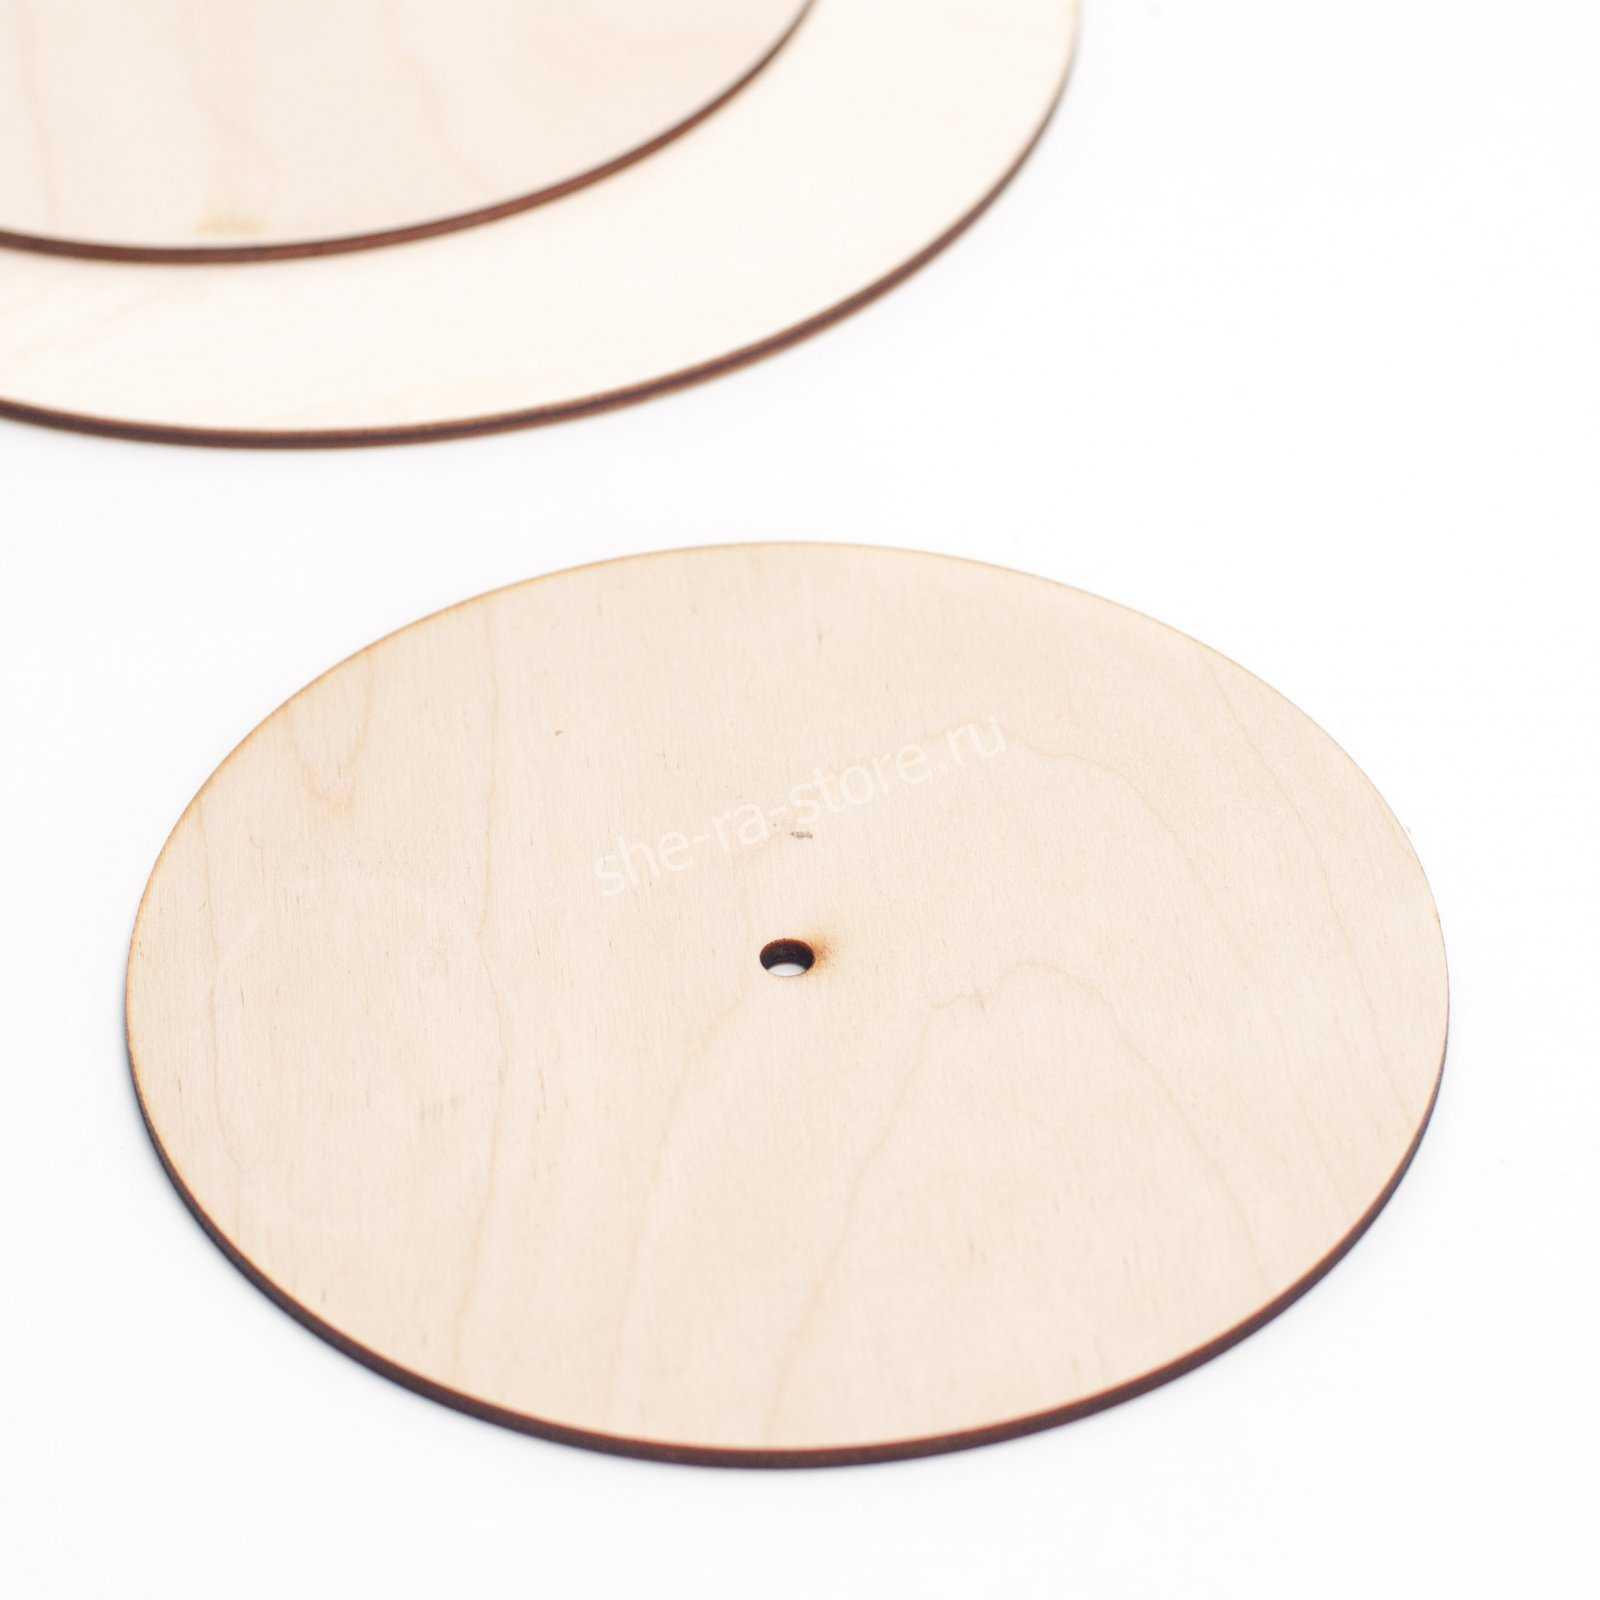 Подложка усиленная с отверстием для оси, диаметр 16см.